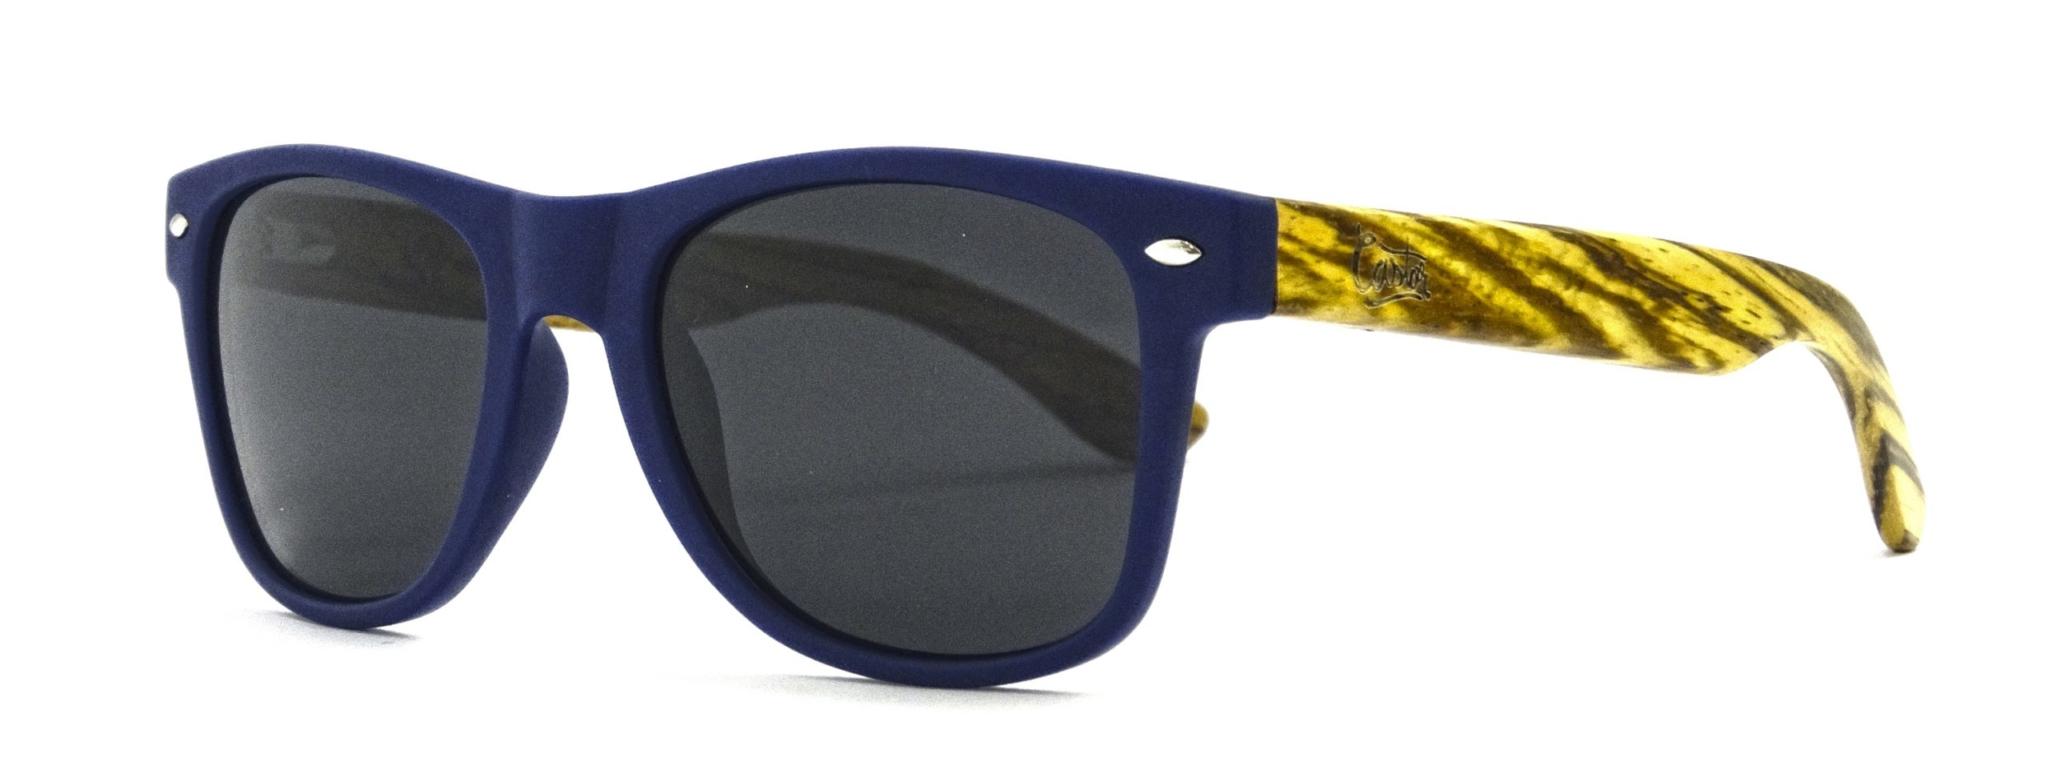 d3fcdca3-79b-gafas-de-sol